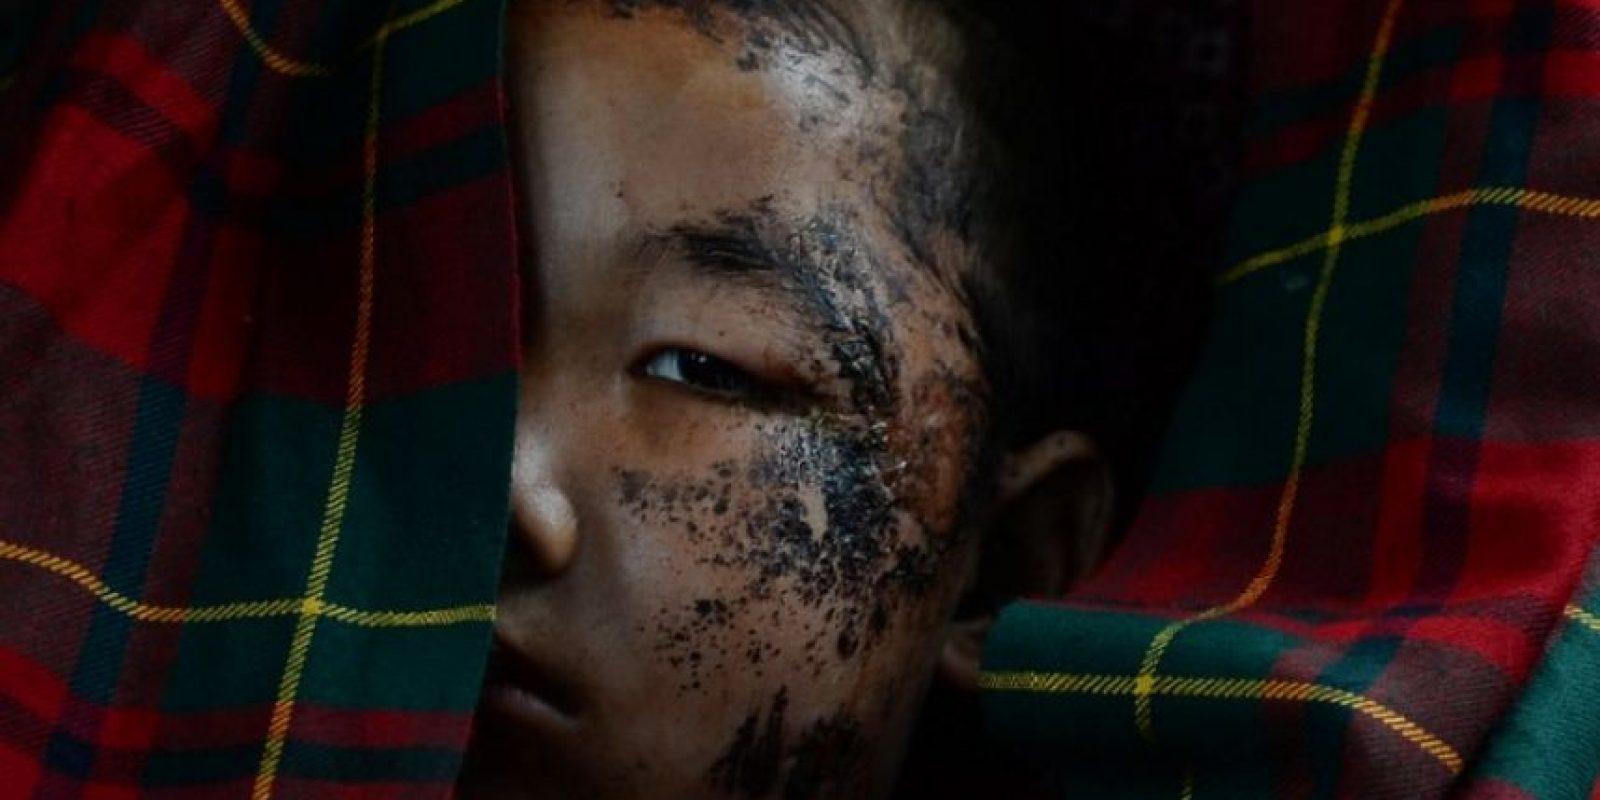 """Además, también existe un problema de malnutrición entre los niños nepalíes que """"seguramente irá a peor y aumentarán los casos"""" tras lo ocurrido. Foto:AFP"""